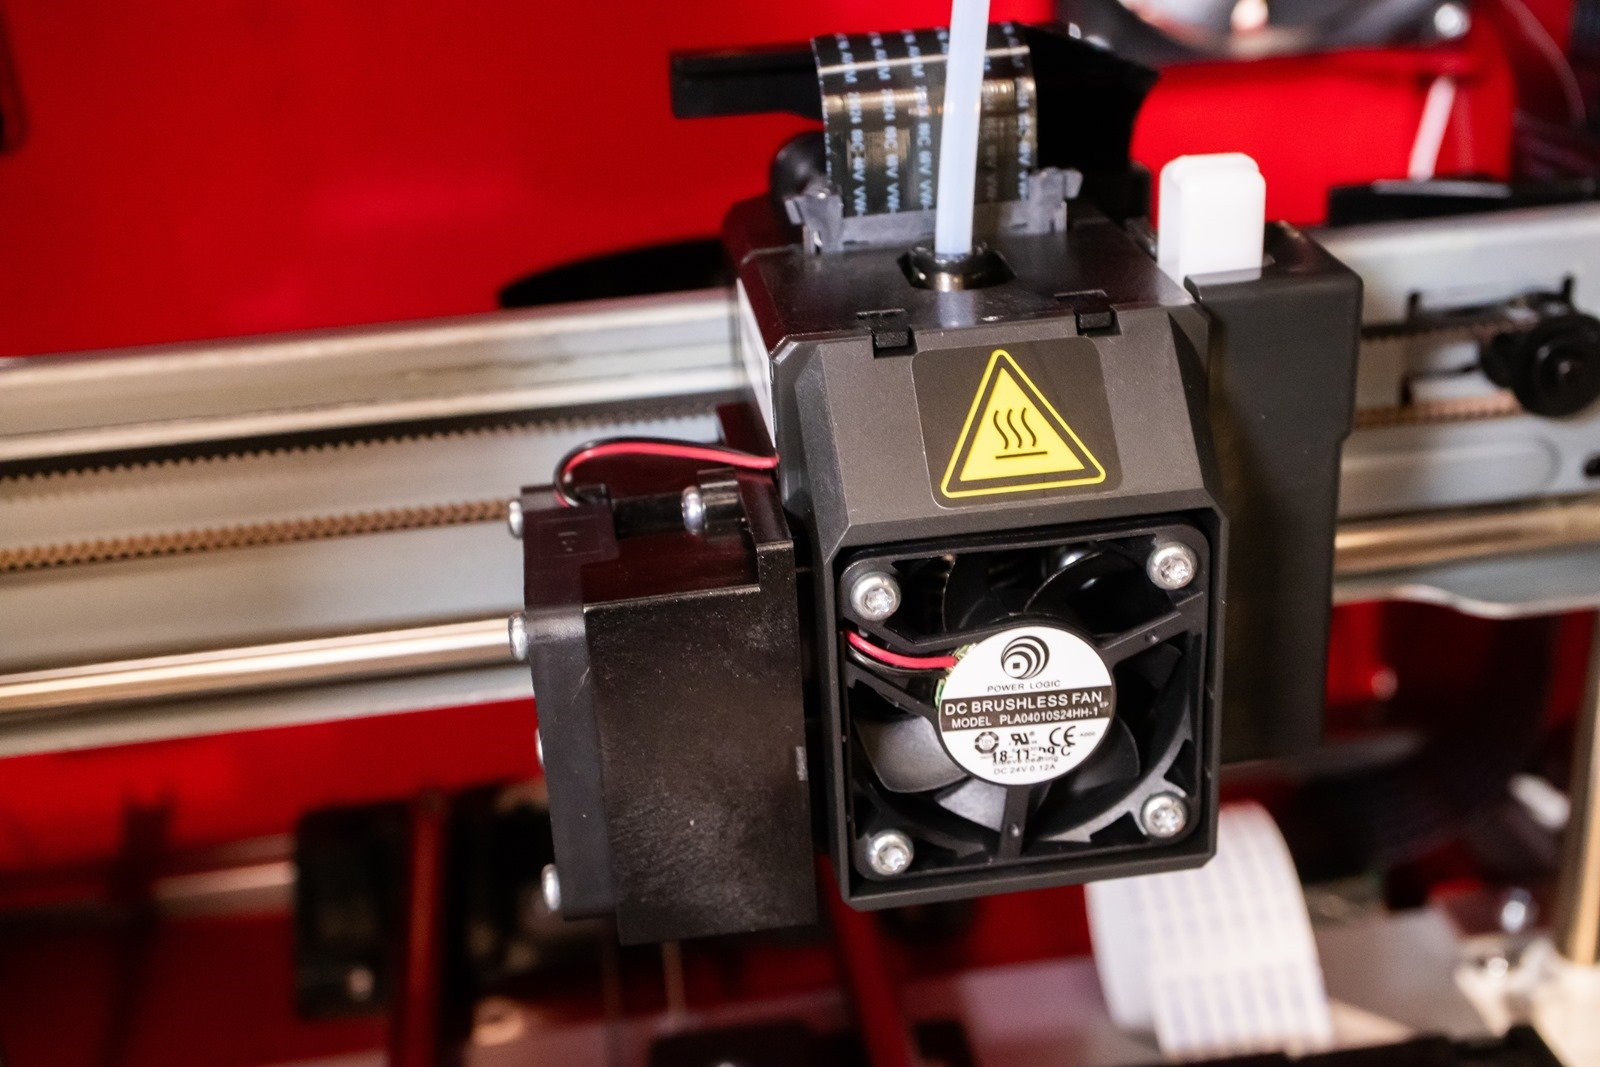 多功能3D列印機-da Vinci Jr. Pro X+,噴頭安裝的細節也可參考說明書的教學